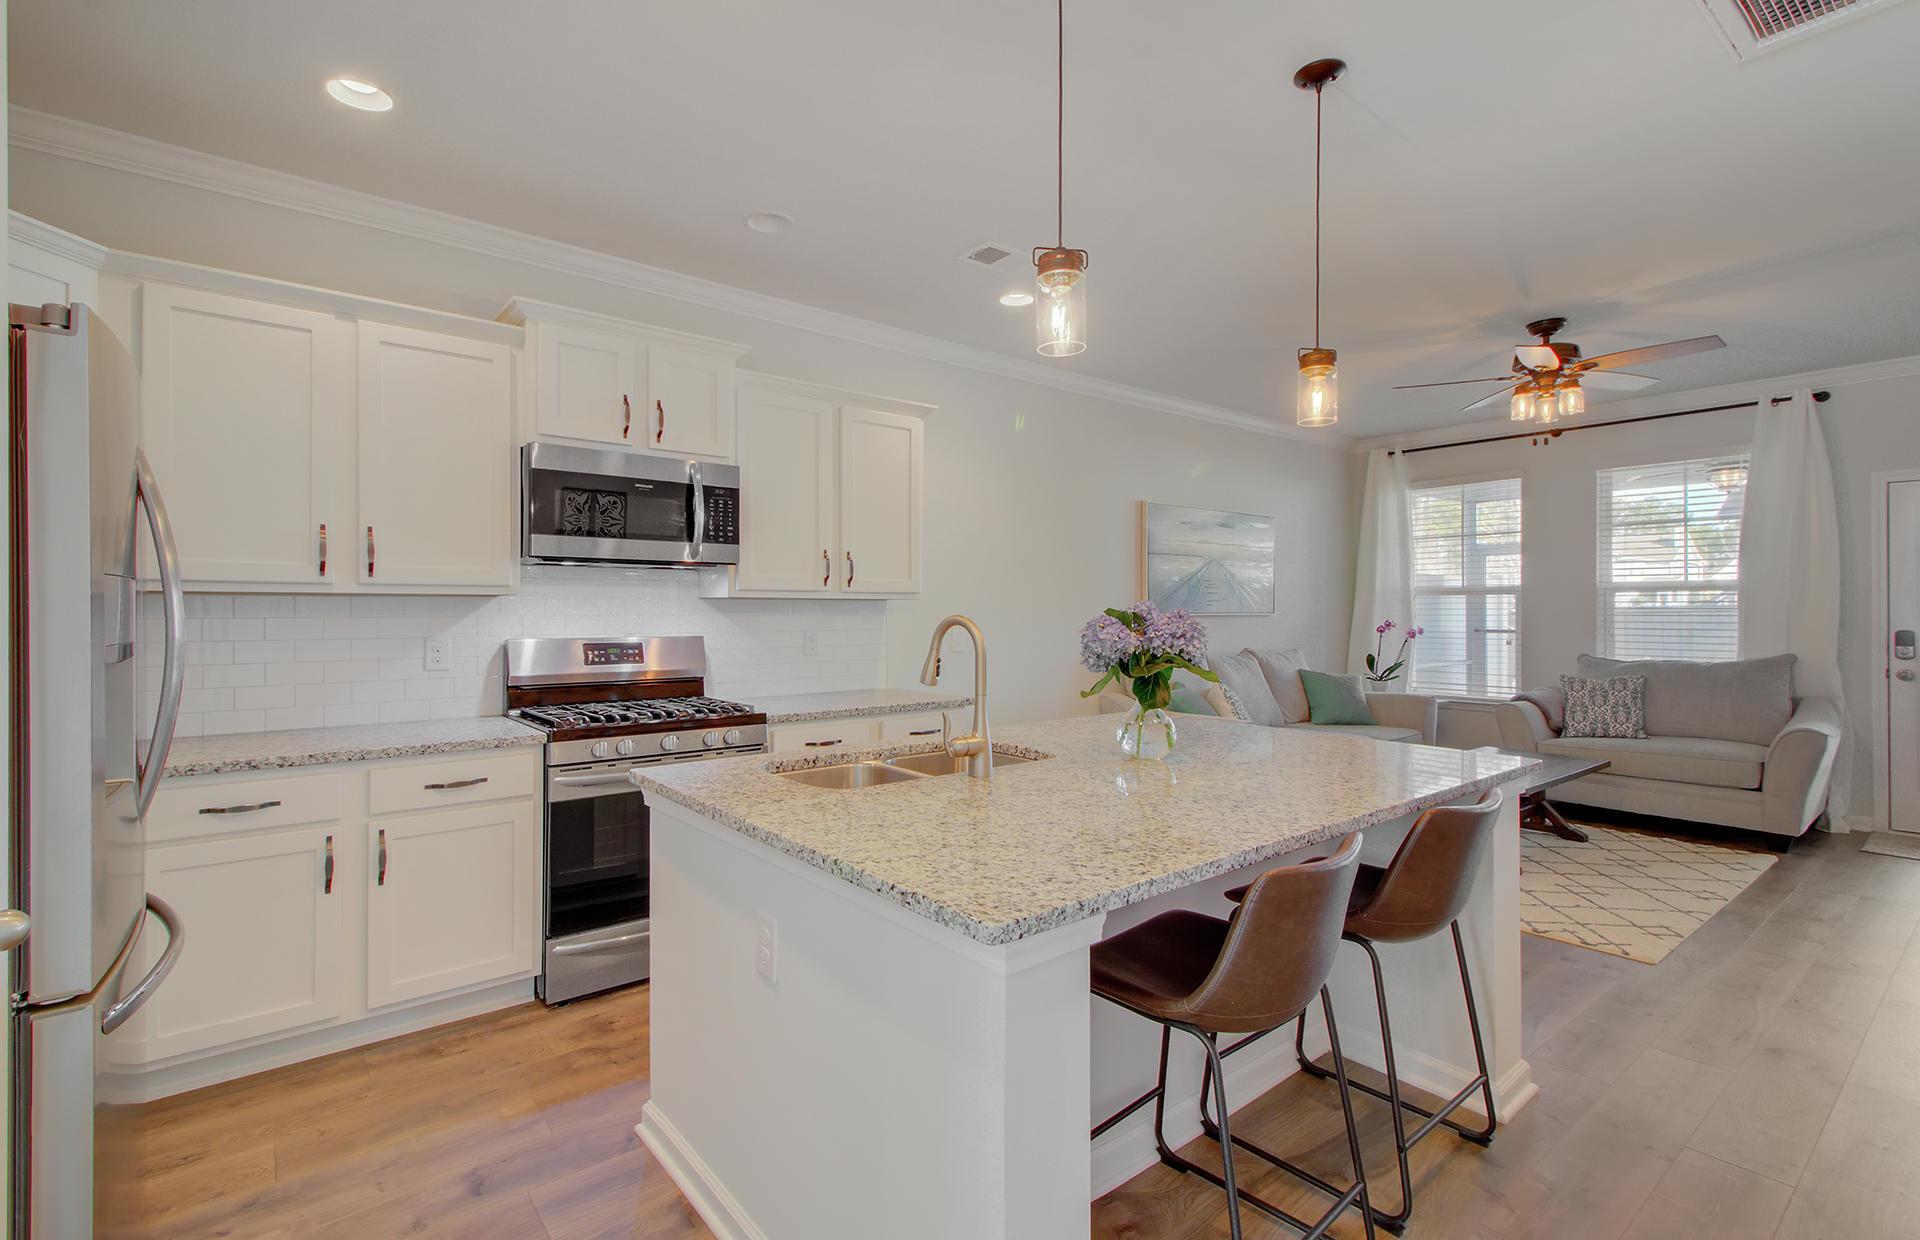 Park West Homes For Sale - 2569 Kingsfield, Mount Pleasant, SC - 26